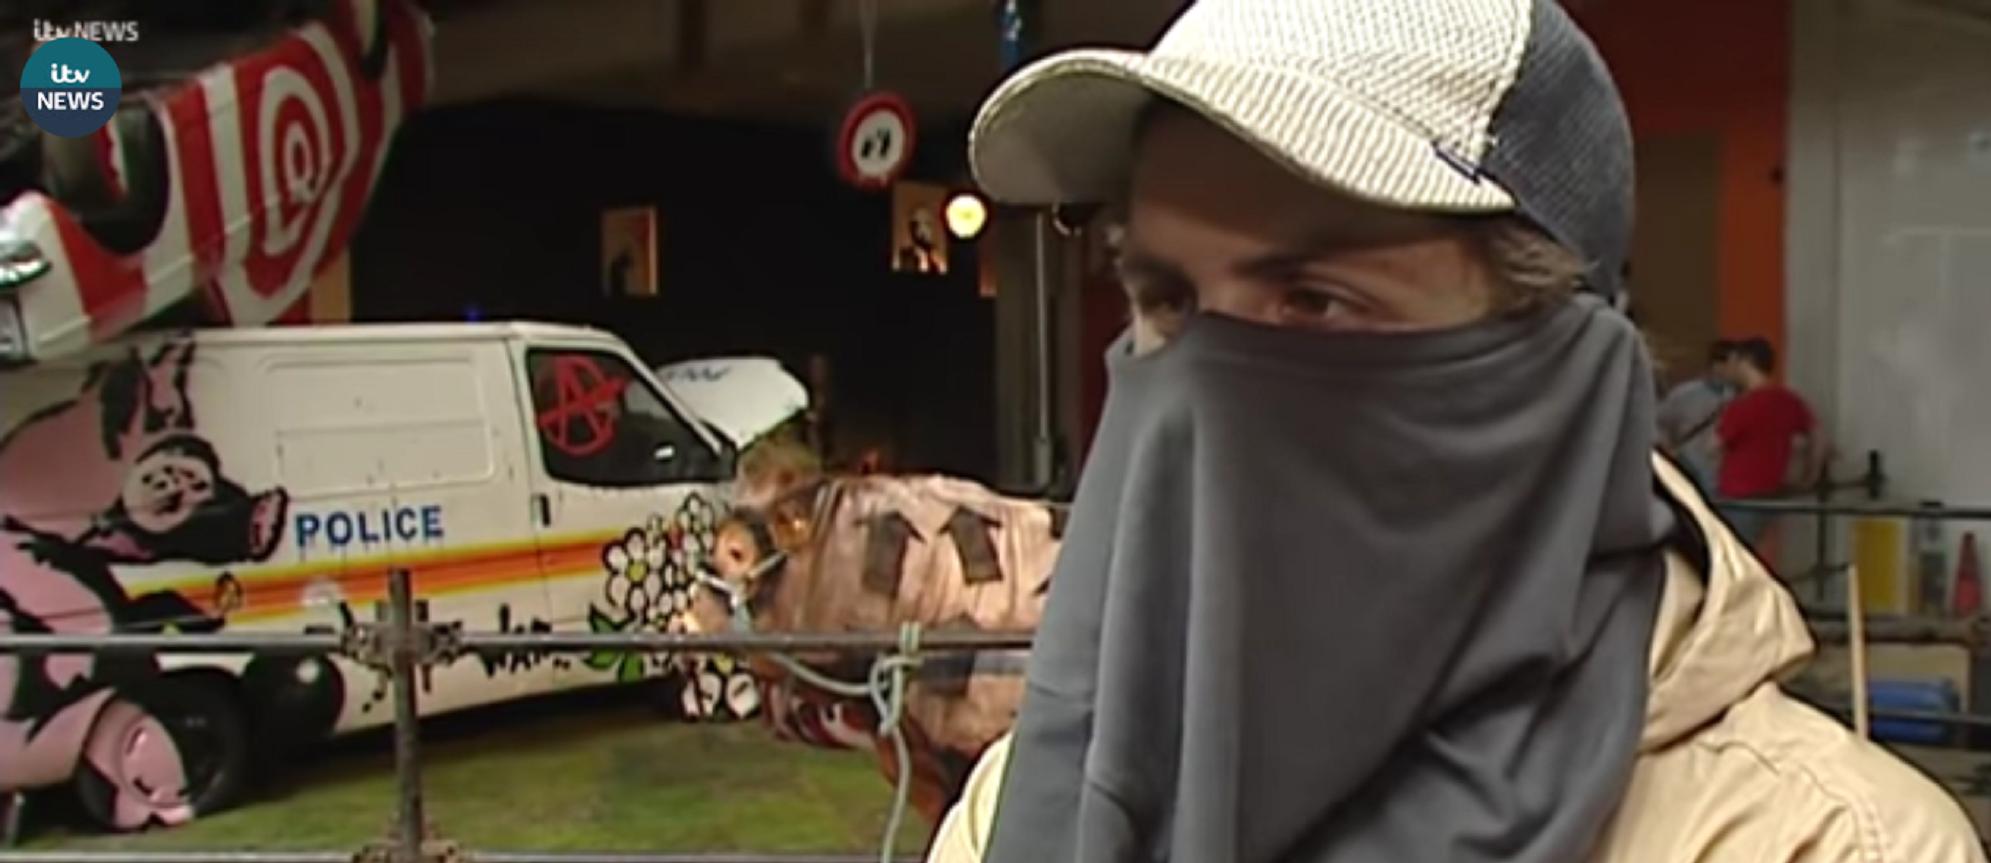 Uomo mascherato che potrebbe essere Banksy